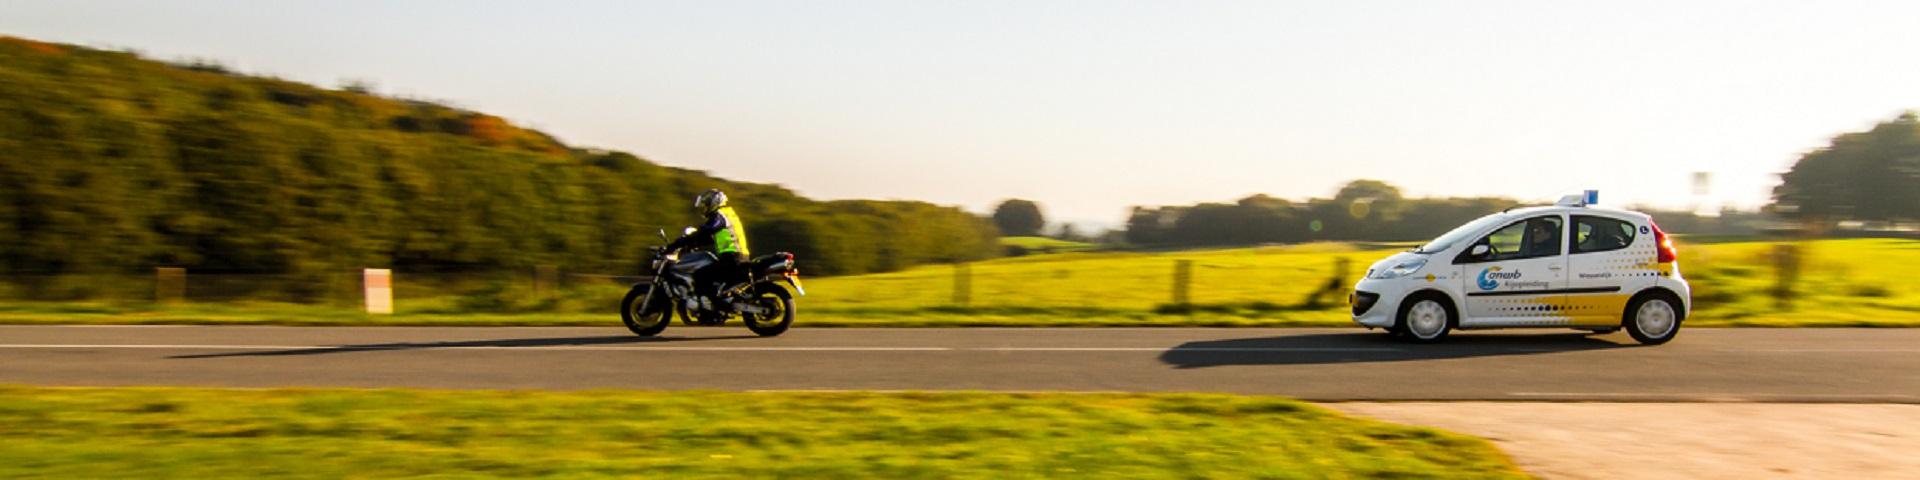 motorrijbewijs halen motorrijles nijmegen arnhem tiel ede